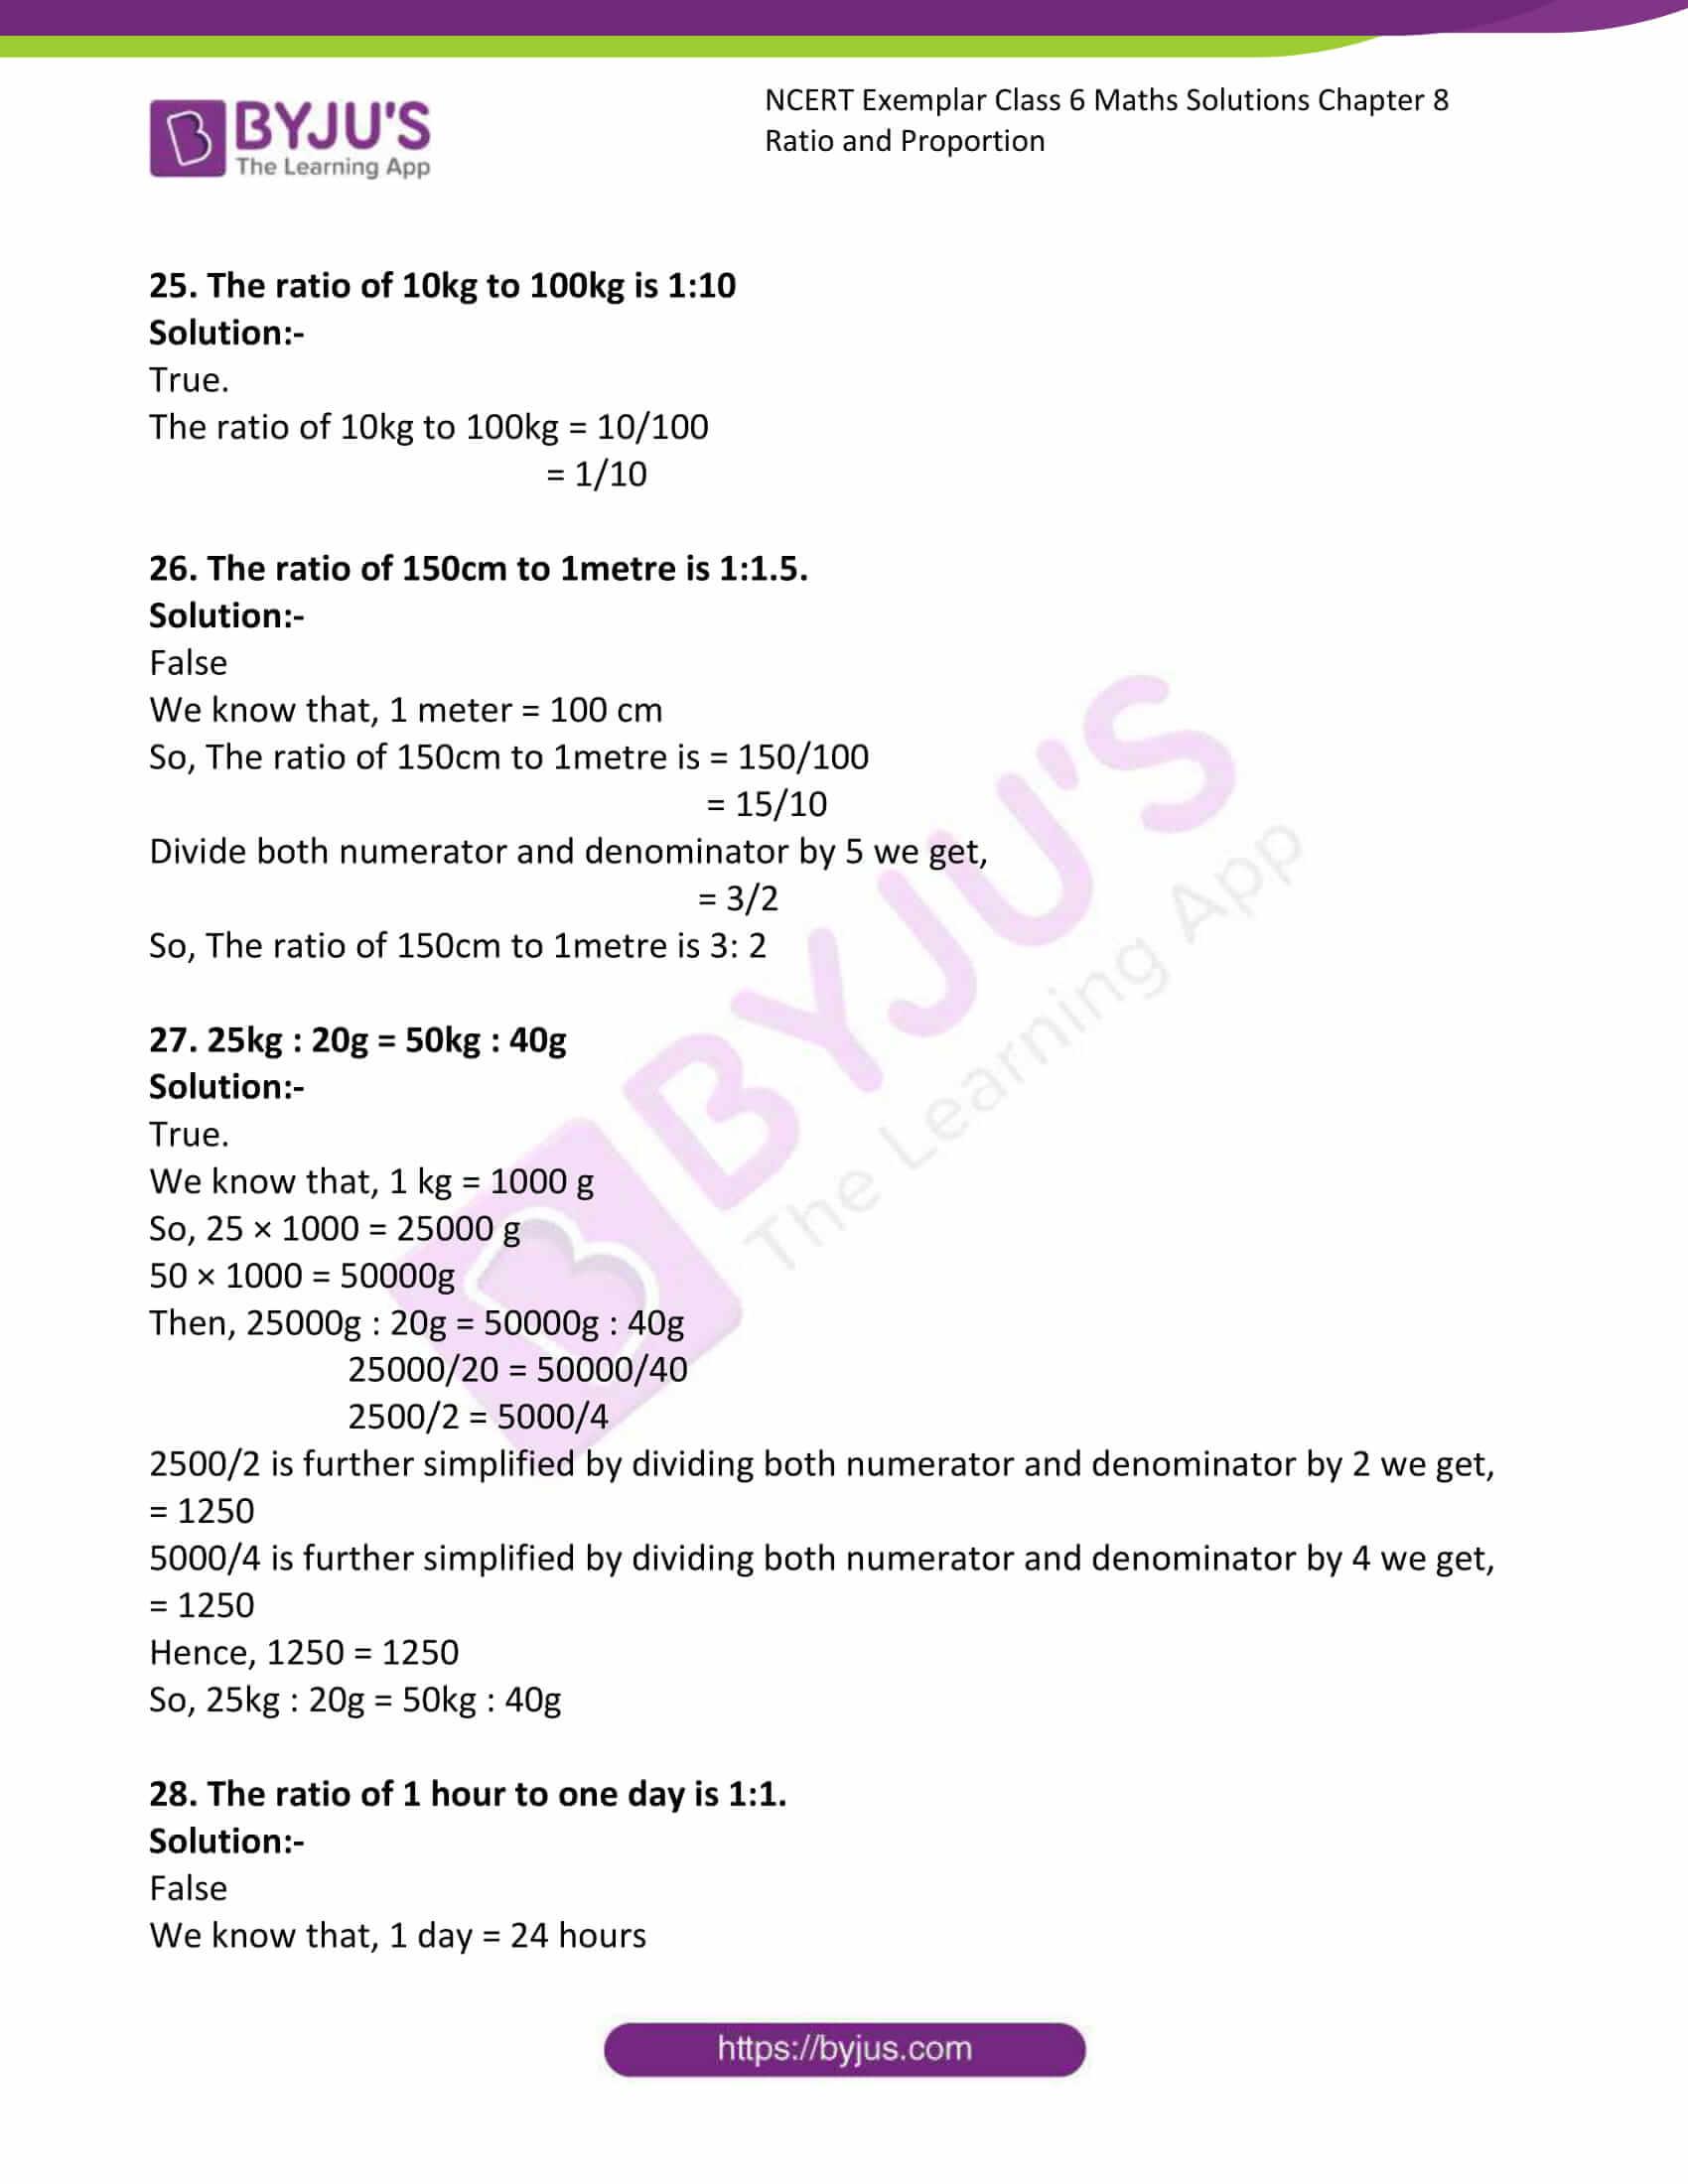 ncert exemplar class 6 maths sol ch 8 10